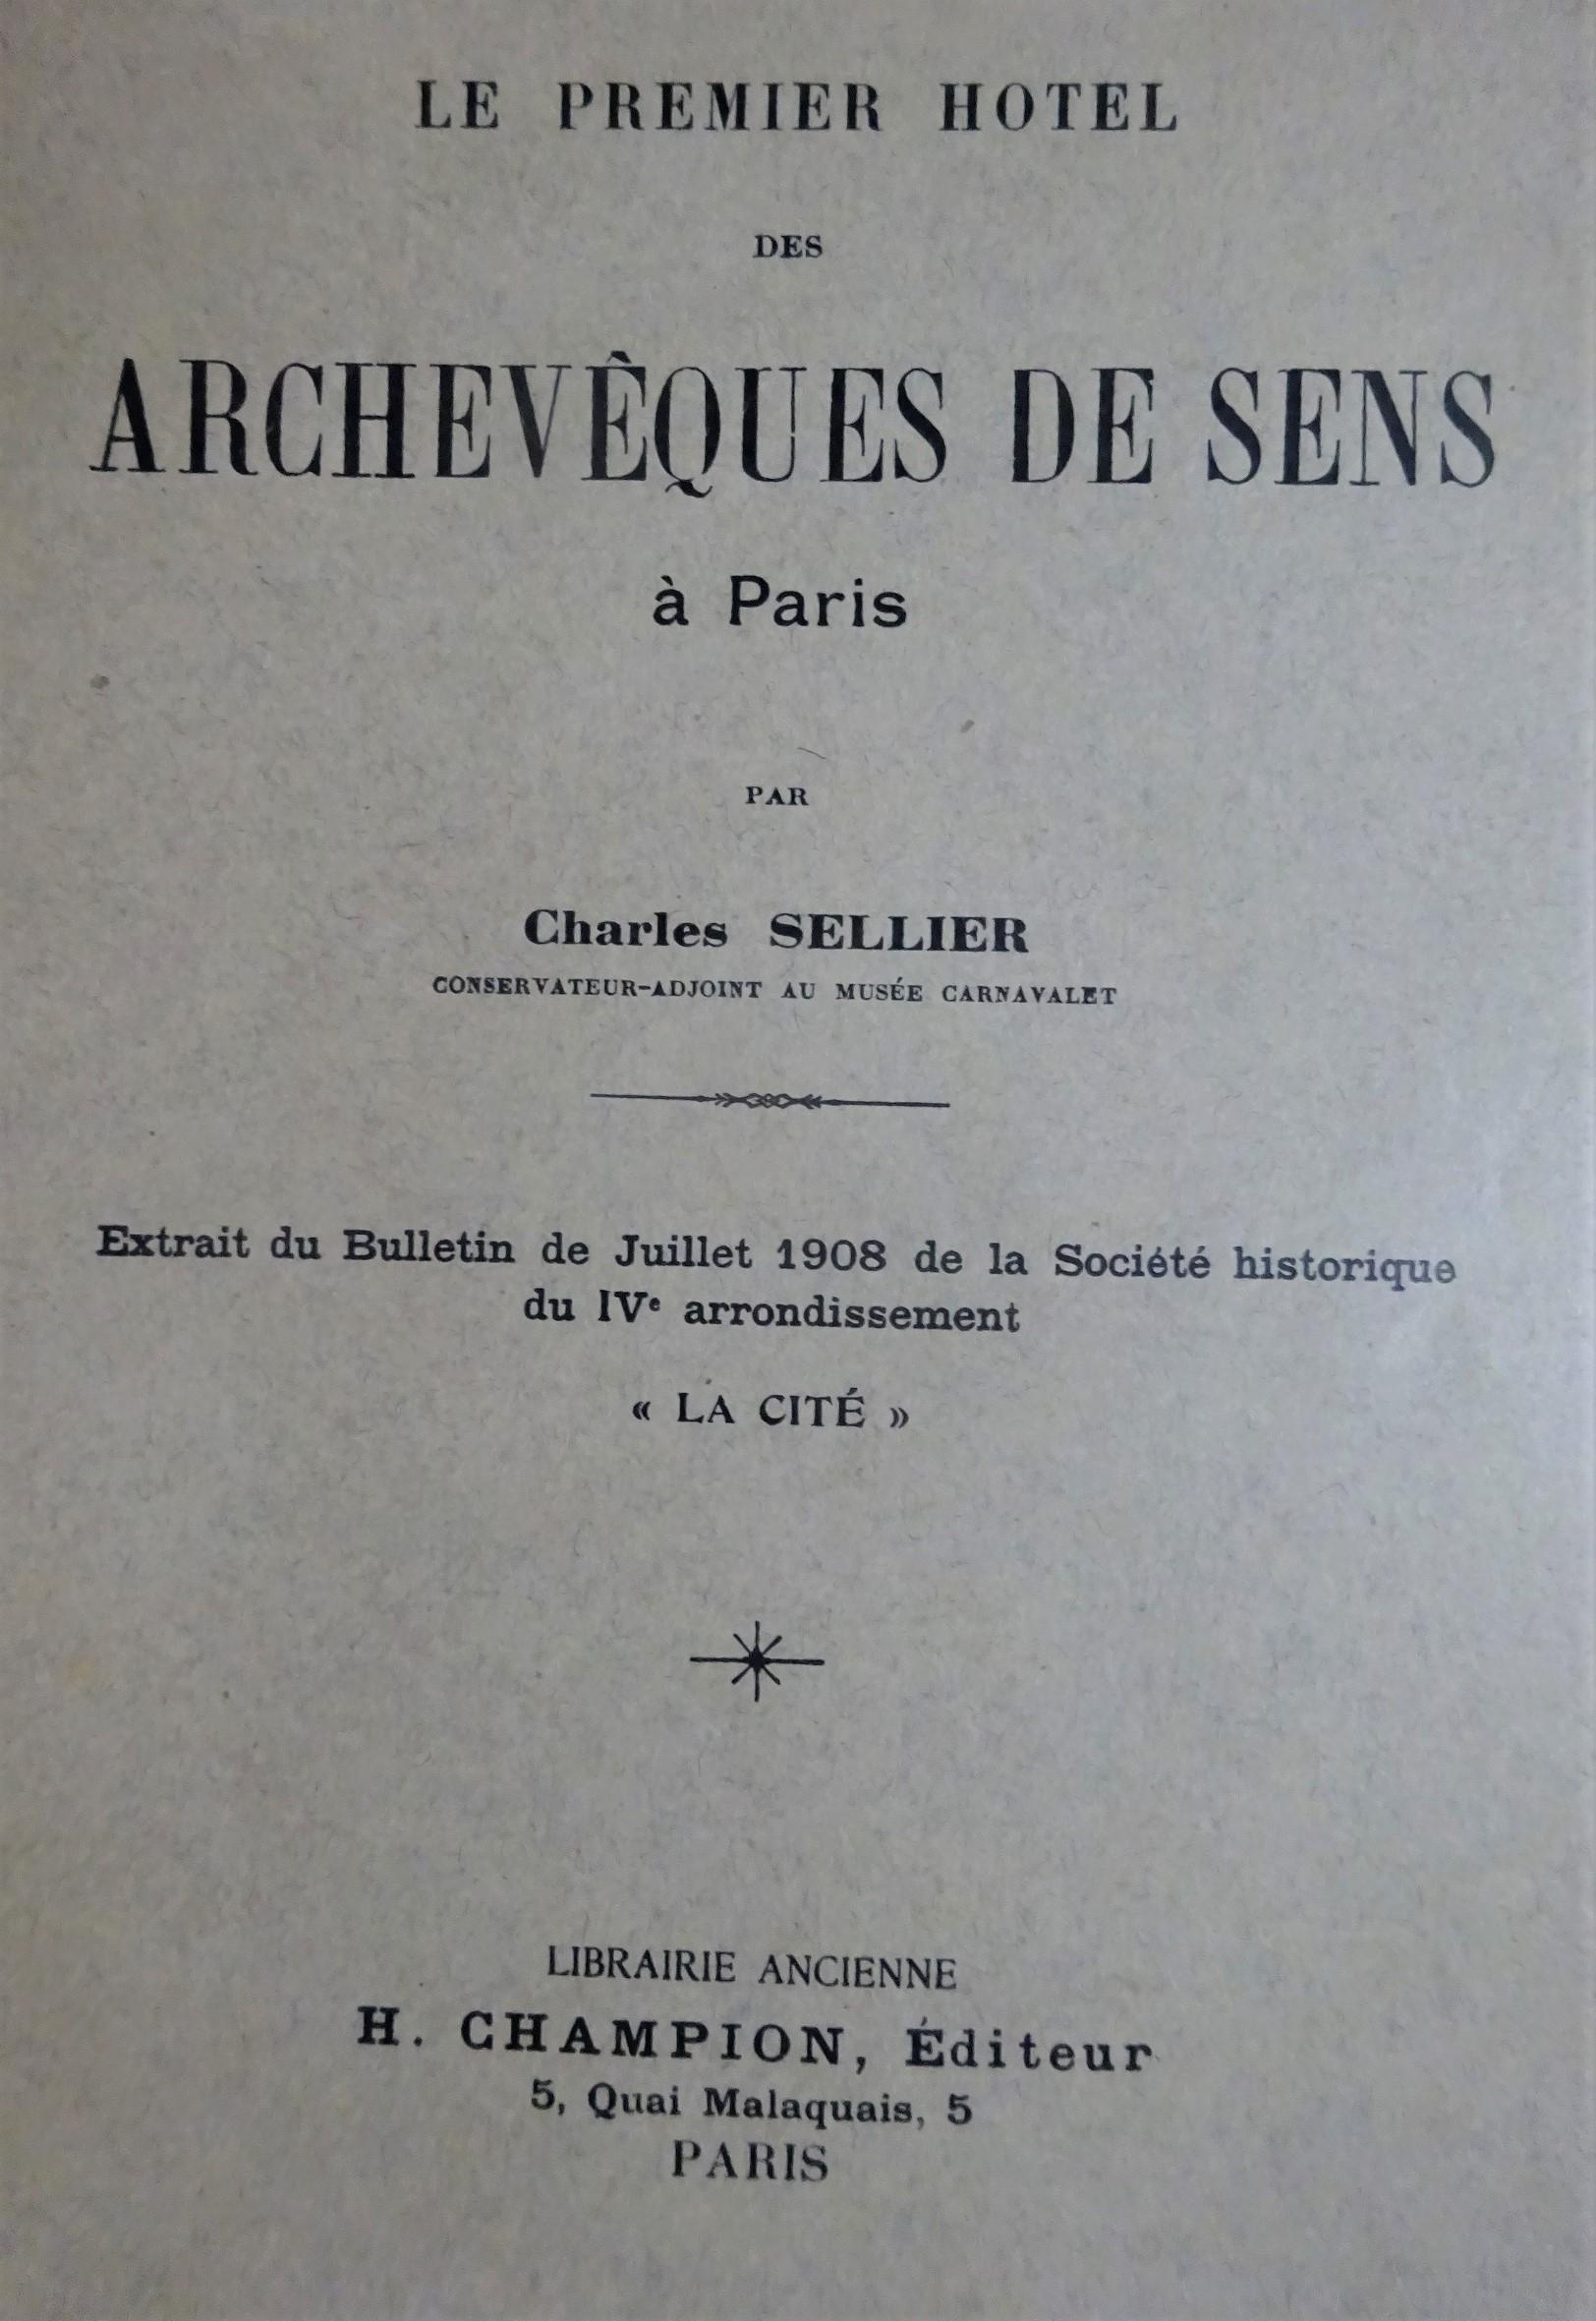 Le premier hôtel des Archevêques de Sens à Paris